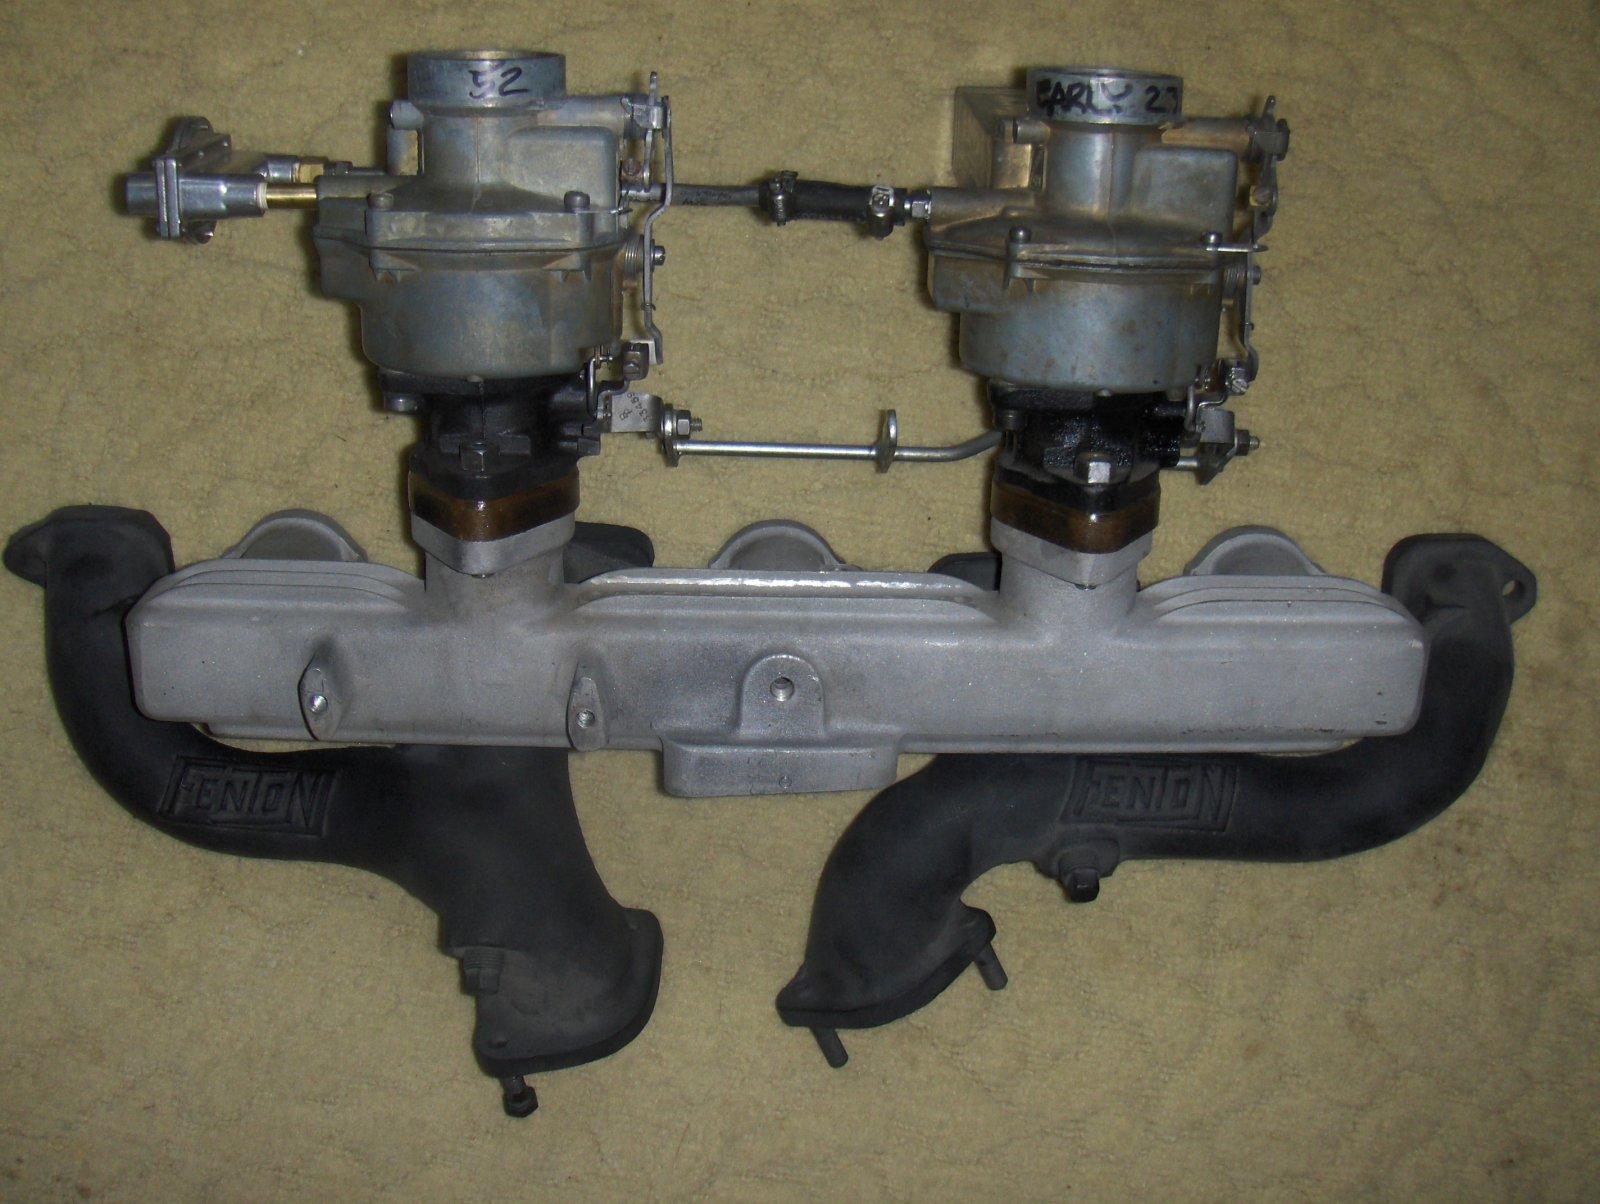 HPIM4450.JPG